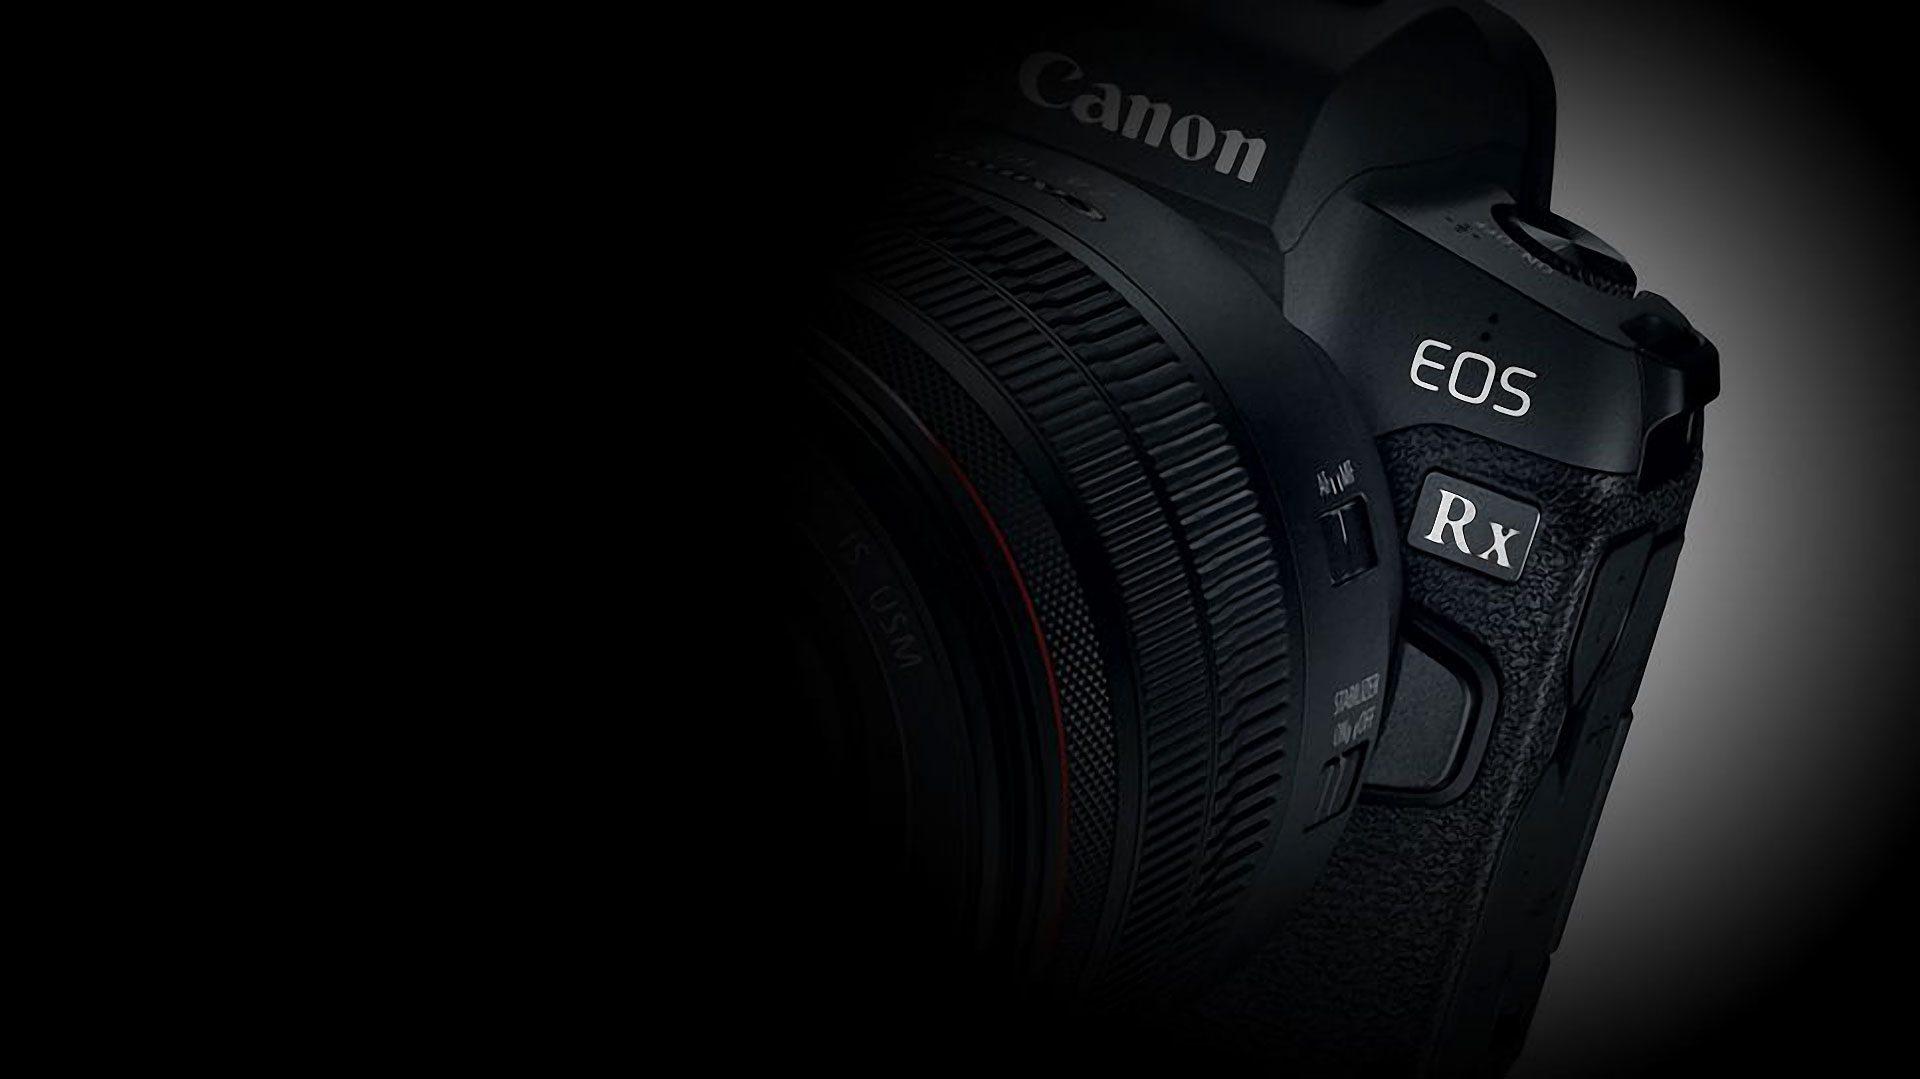 Canon EOS Rx